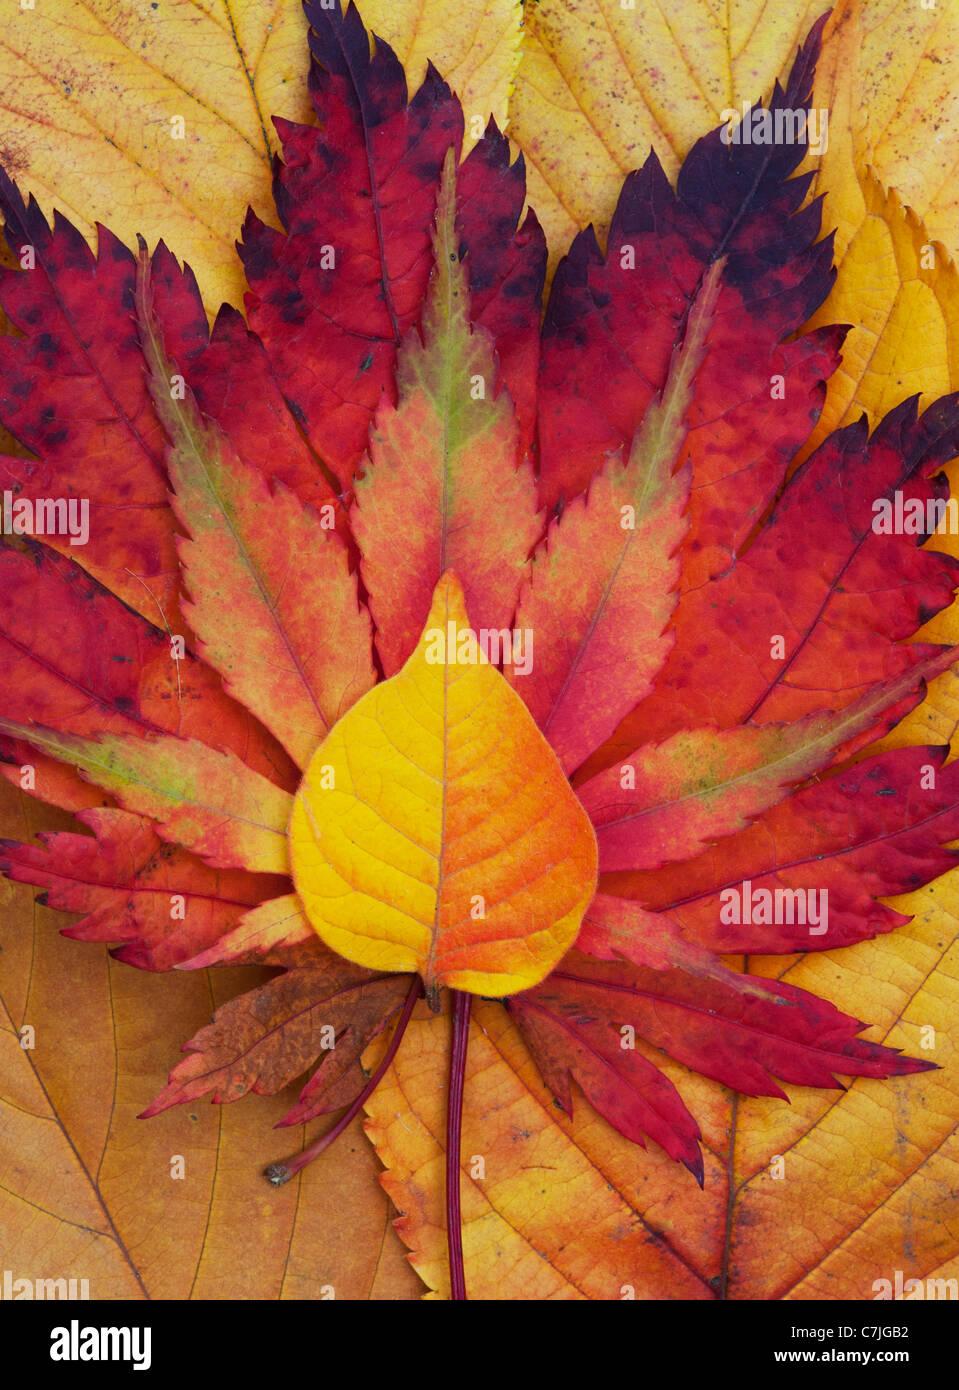 Acer e autumn leaf pattern. Acero giapponese e varie altre foglie cambiando colore in autunno. Immagini Stock